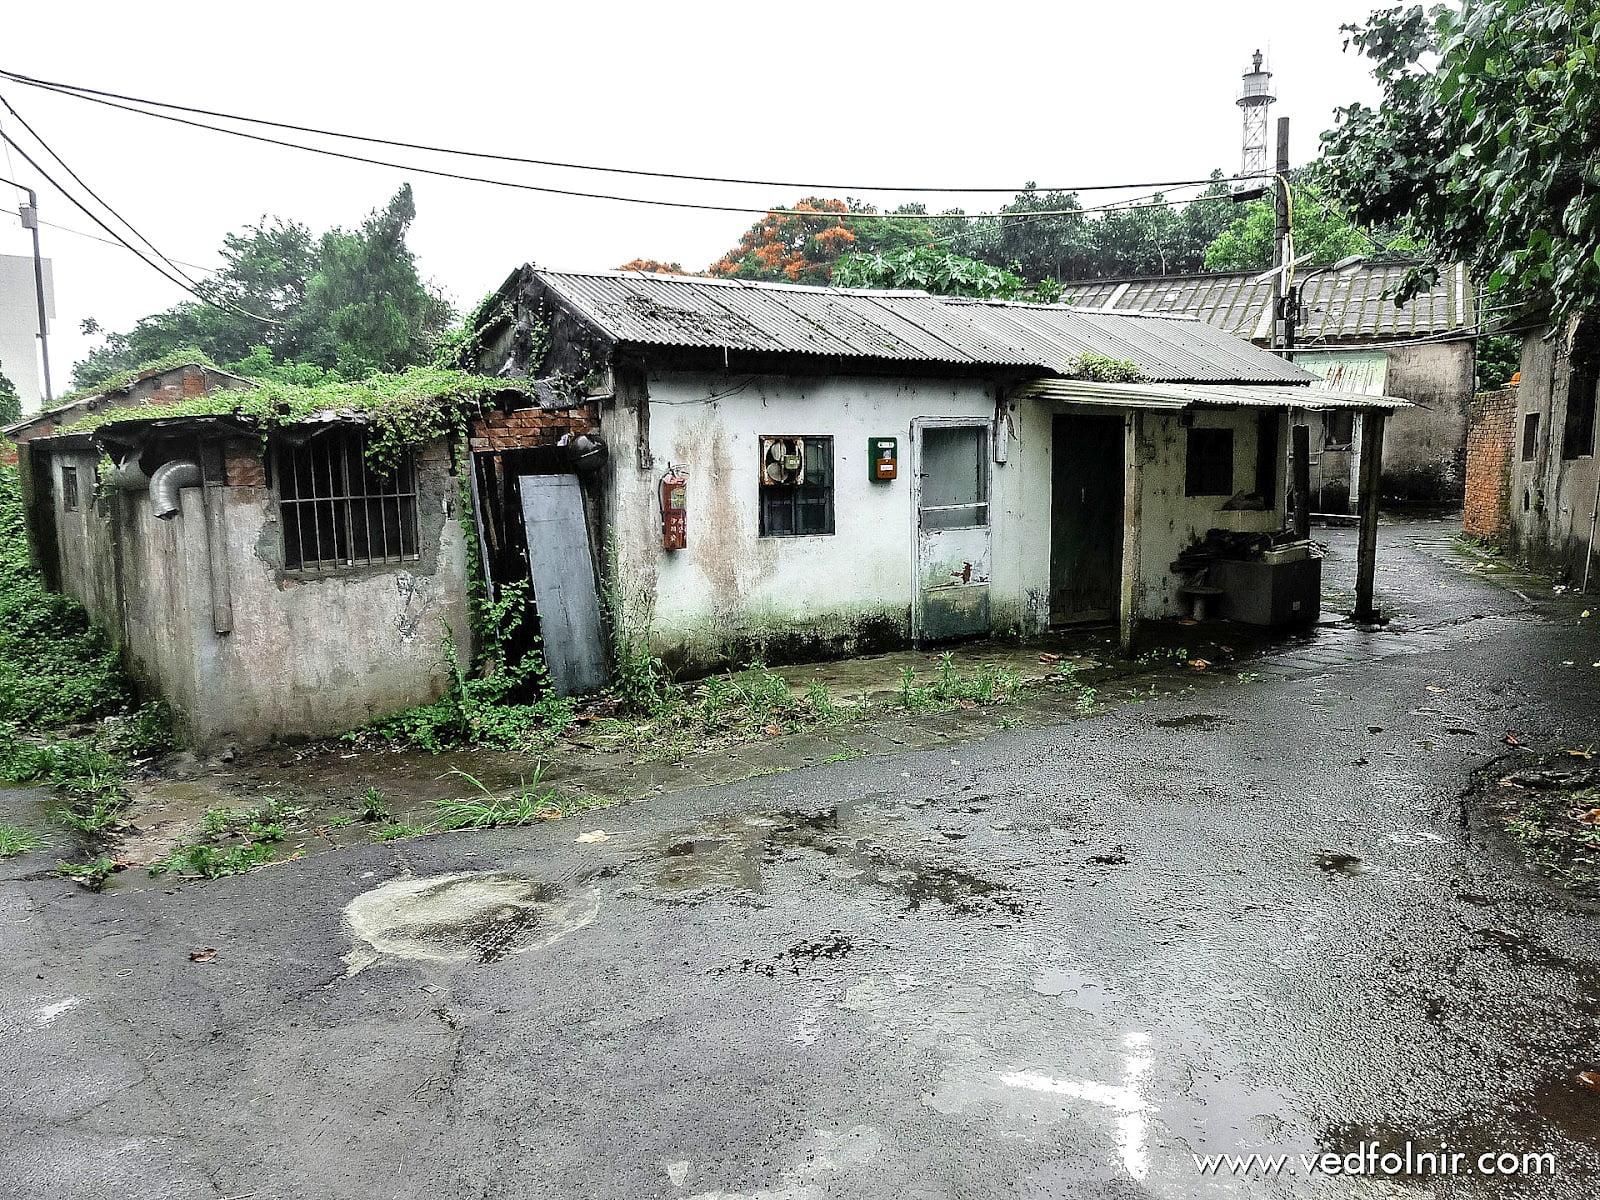 榮獲鬼城王空屋率第一名的淡水與淡海新市鎮 Tamsui Fishing Village LPhotography 1